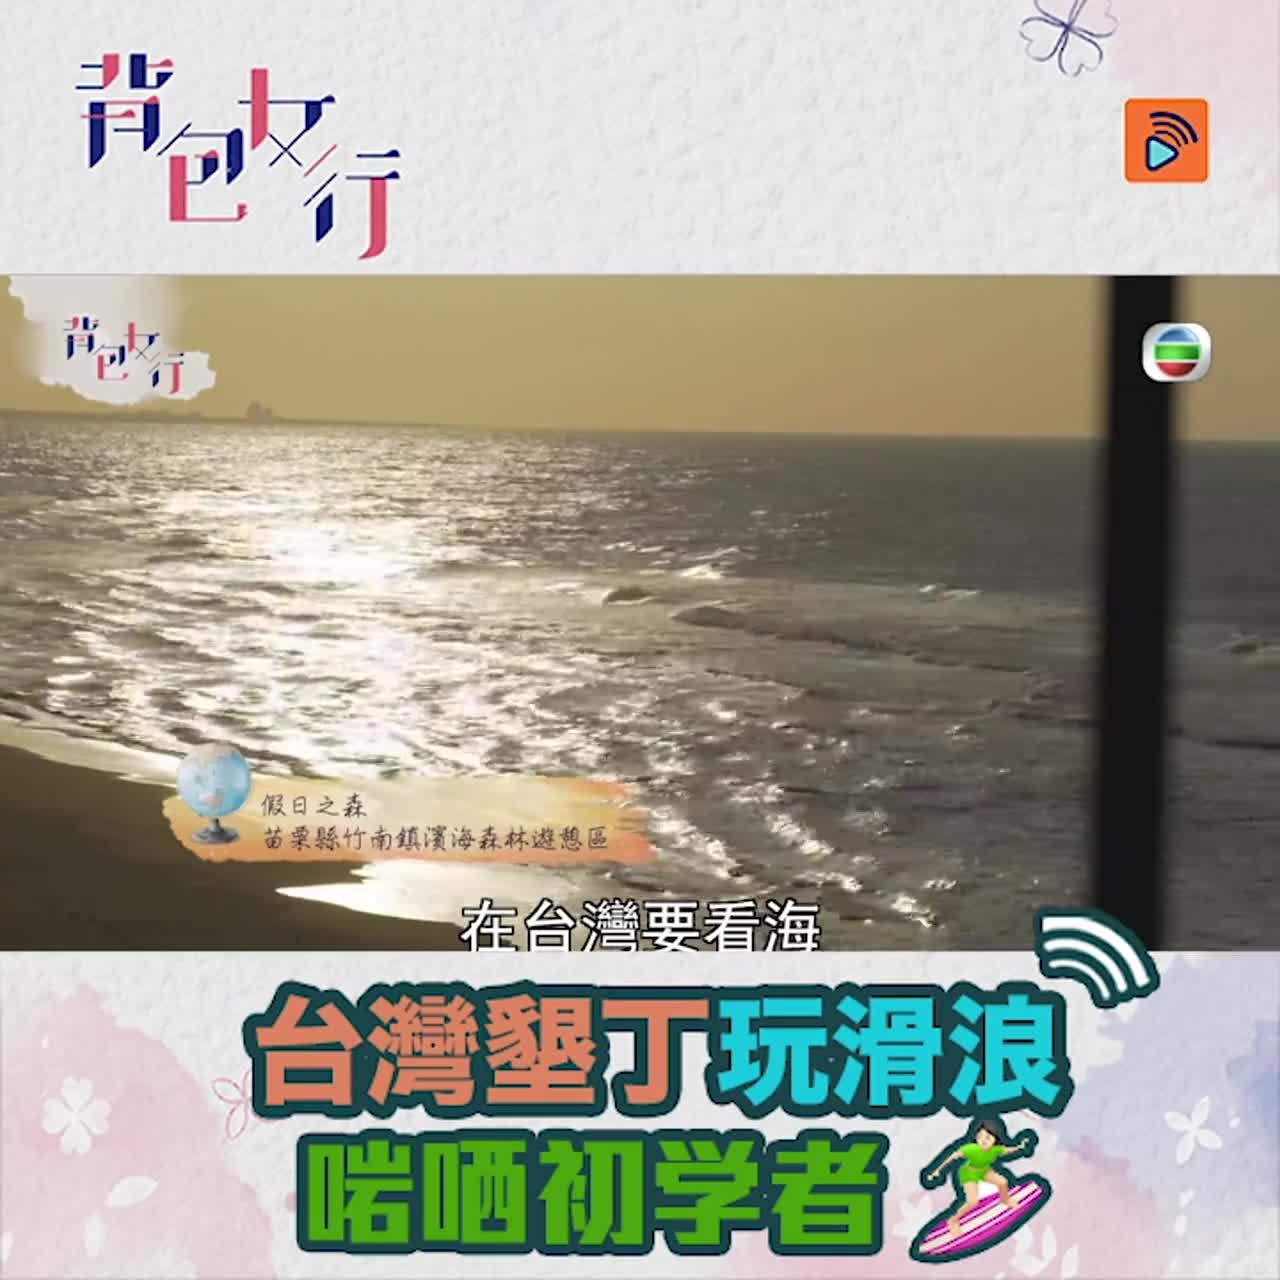 台灣墾丁玩滑浪 啱哂初學者